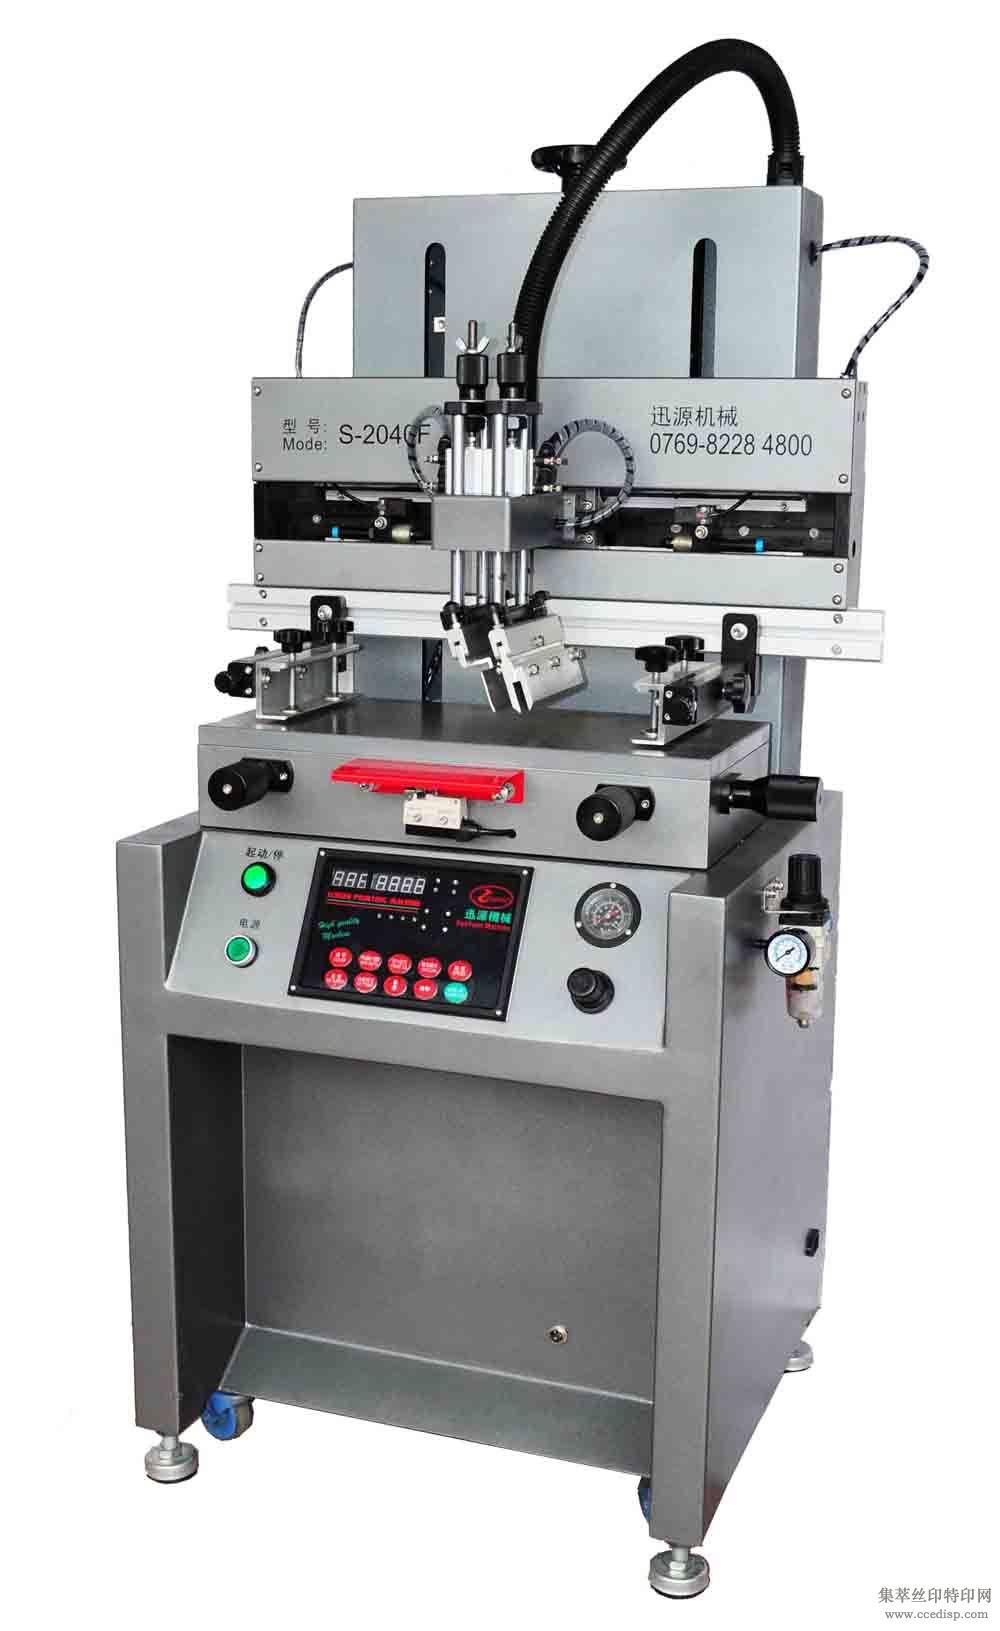 小型丝印机,迅源S-2040电子产品印刷小型平面丝印机,专业丝印机械